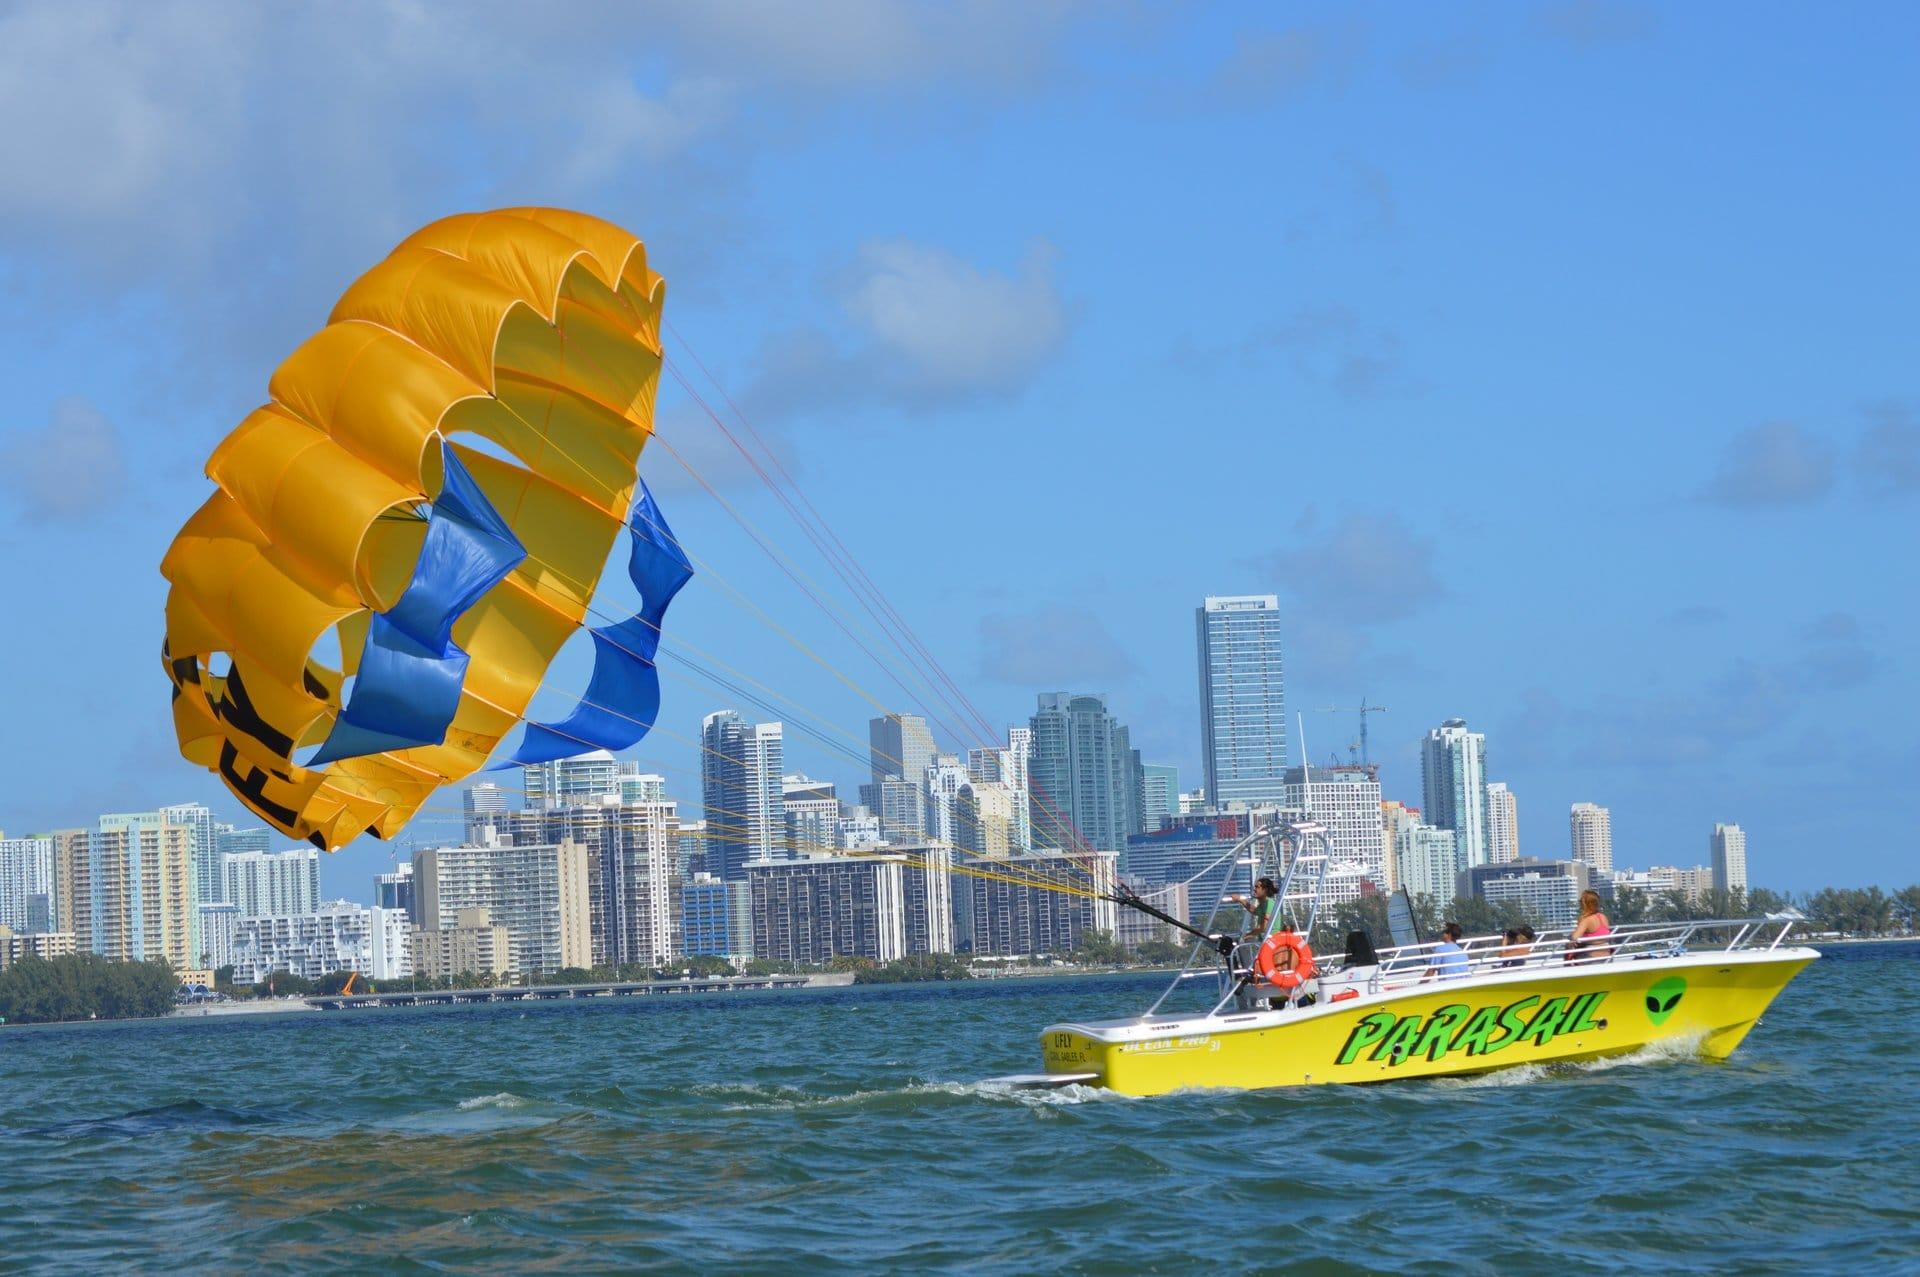 Parasailing boat flying Parachute